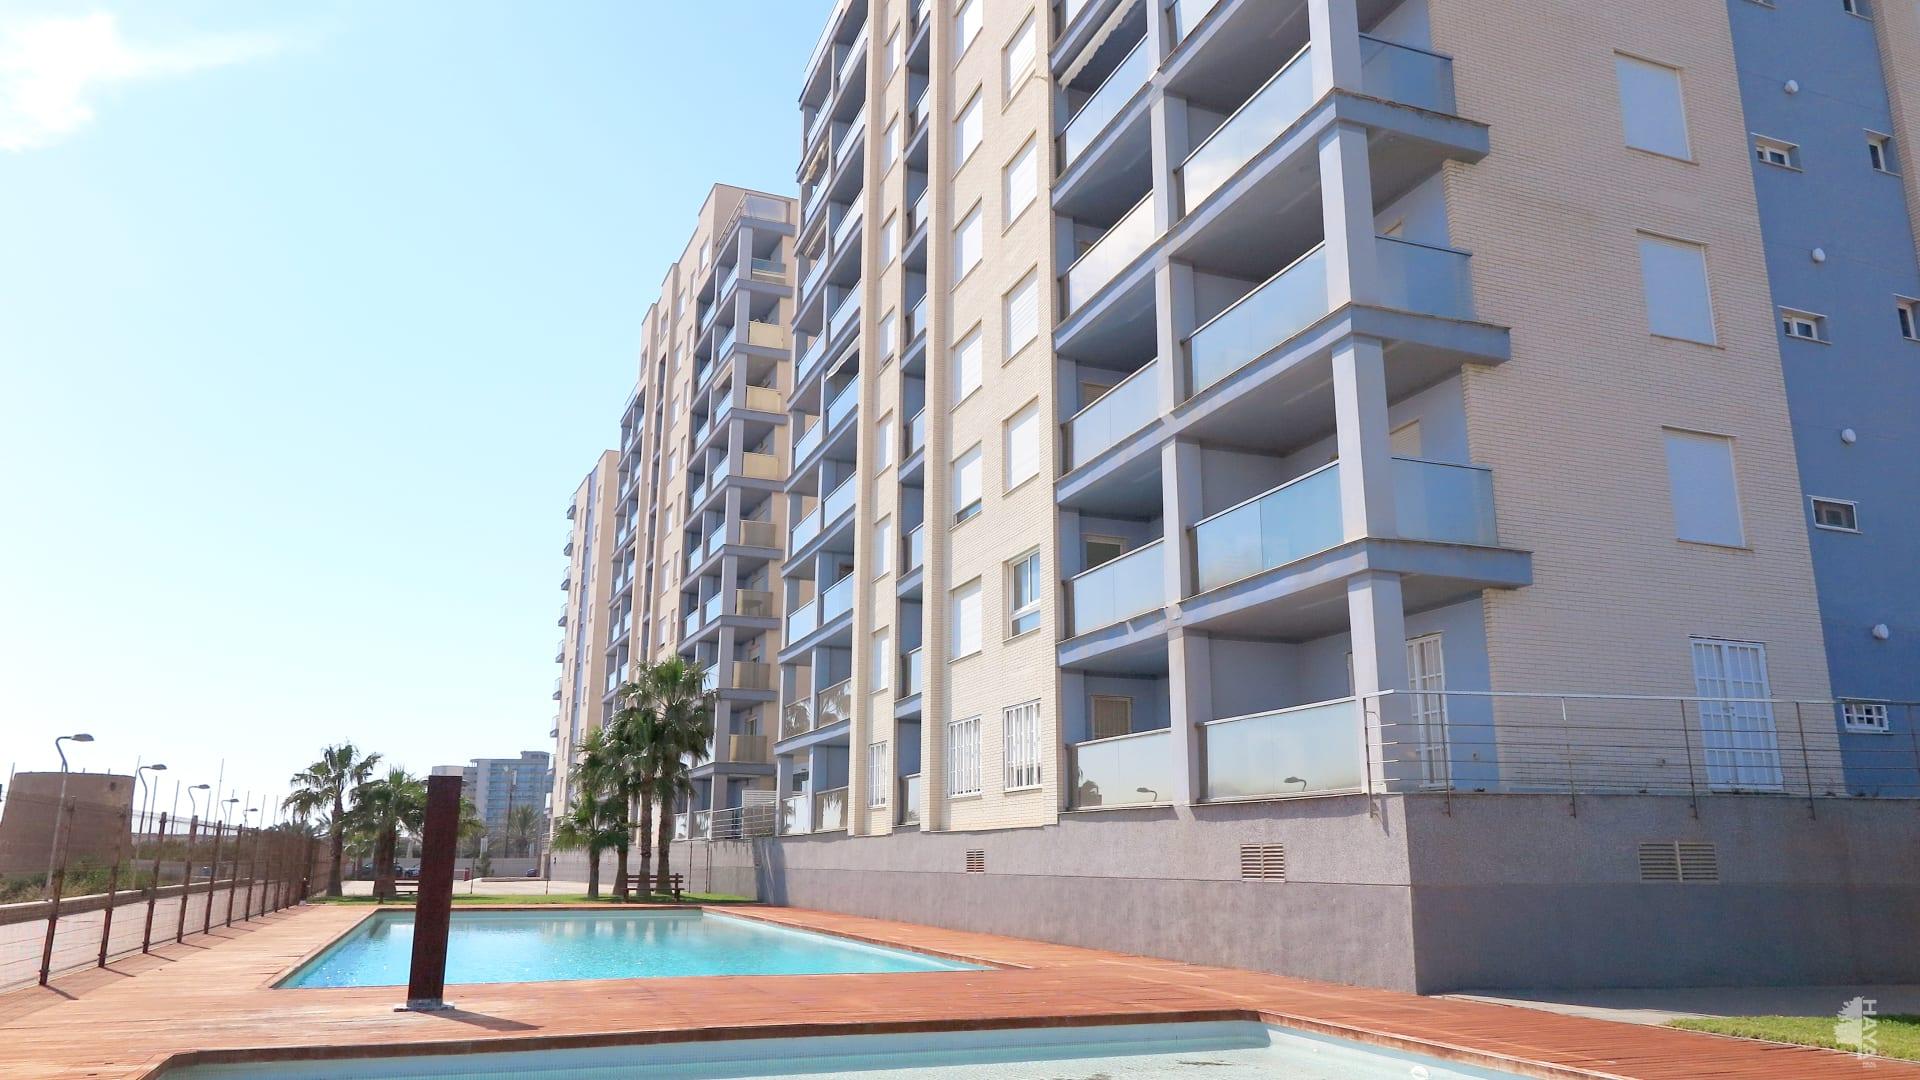 Piso en venta en San Javier, Murcia, Calle Prolongación Pol F. Conj Resid. Veneziola Golf Ii, 93.000 €, 1 habitación, 1 baño, 43 m2